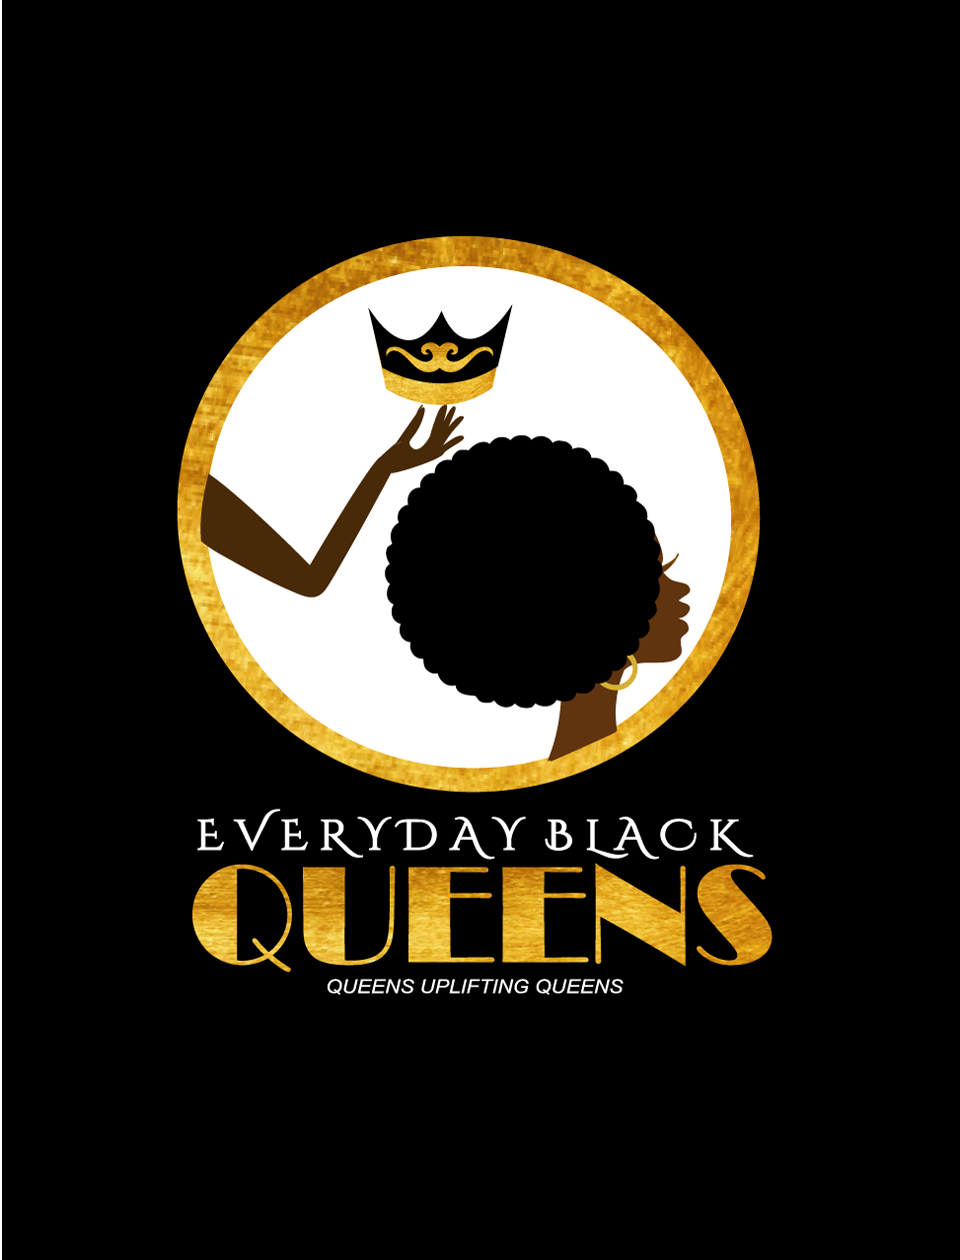 Queen uplifting Queens